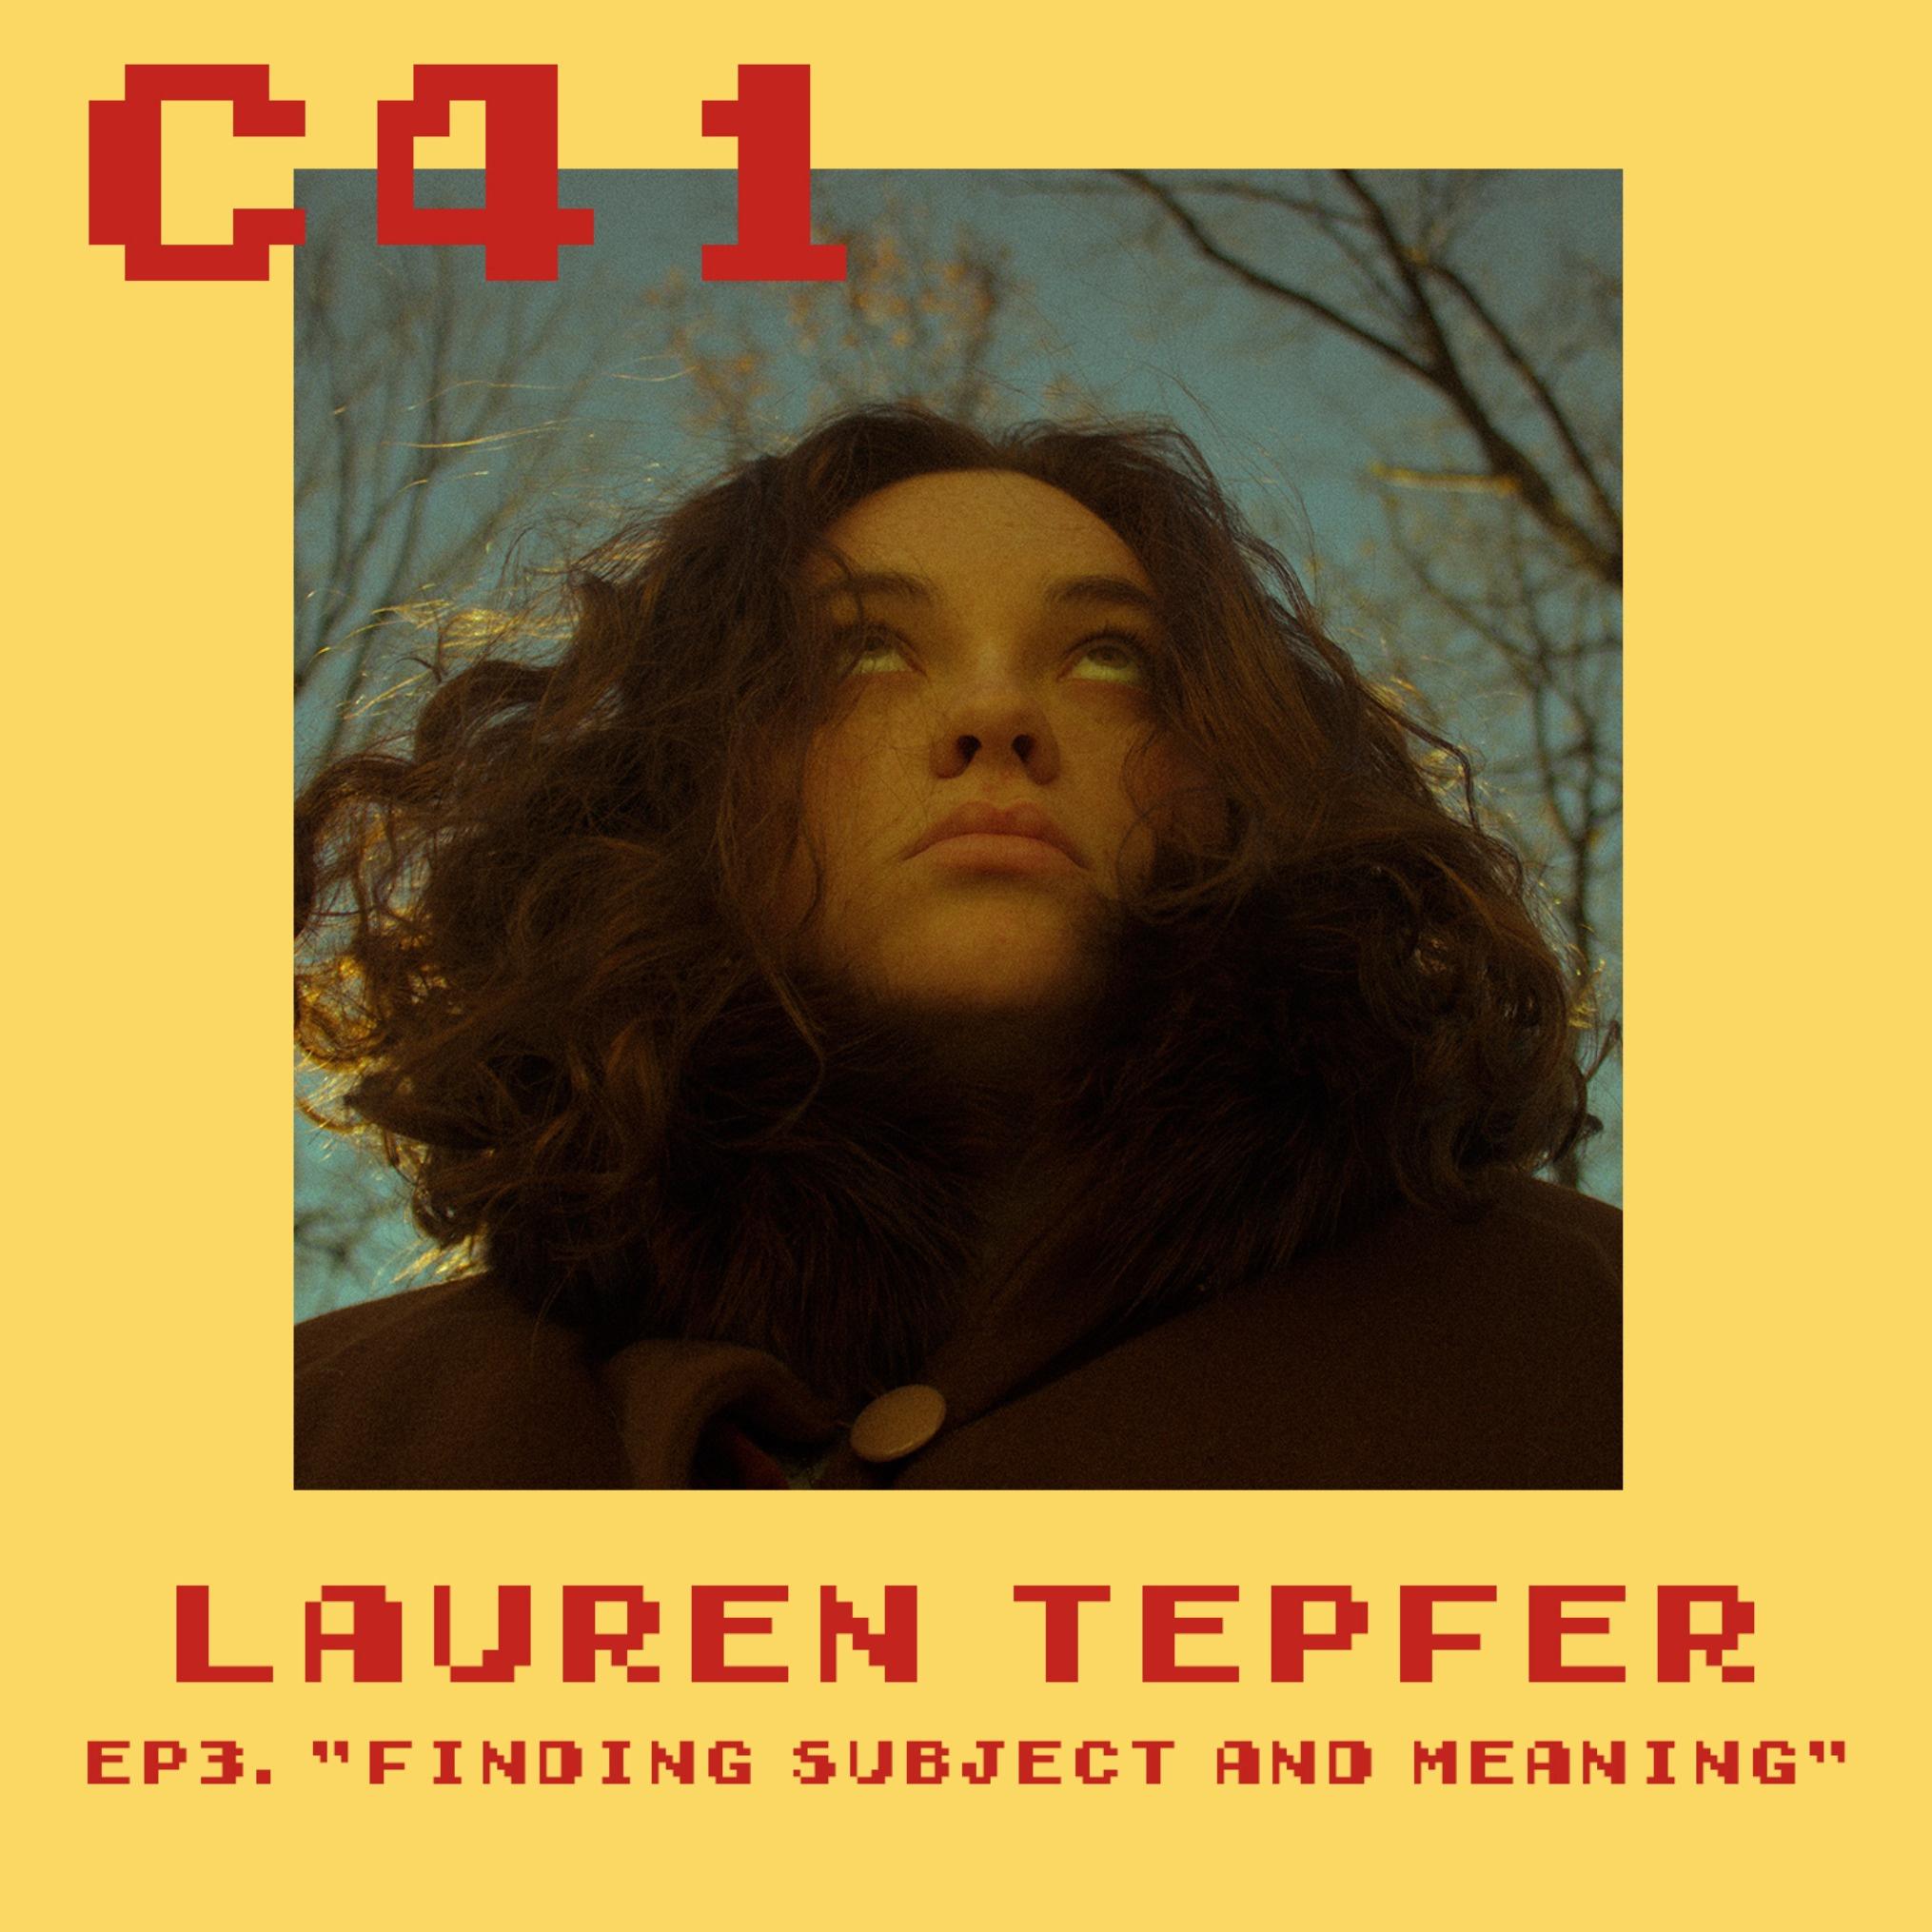 Episode 3 - Lauren Tepfer